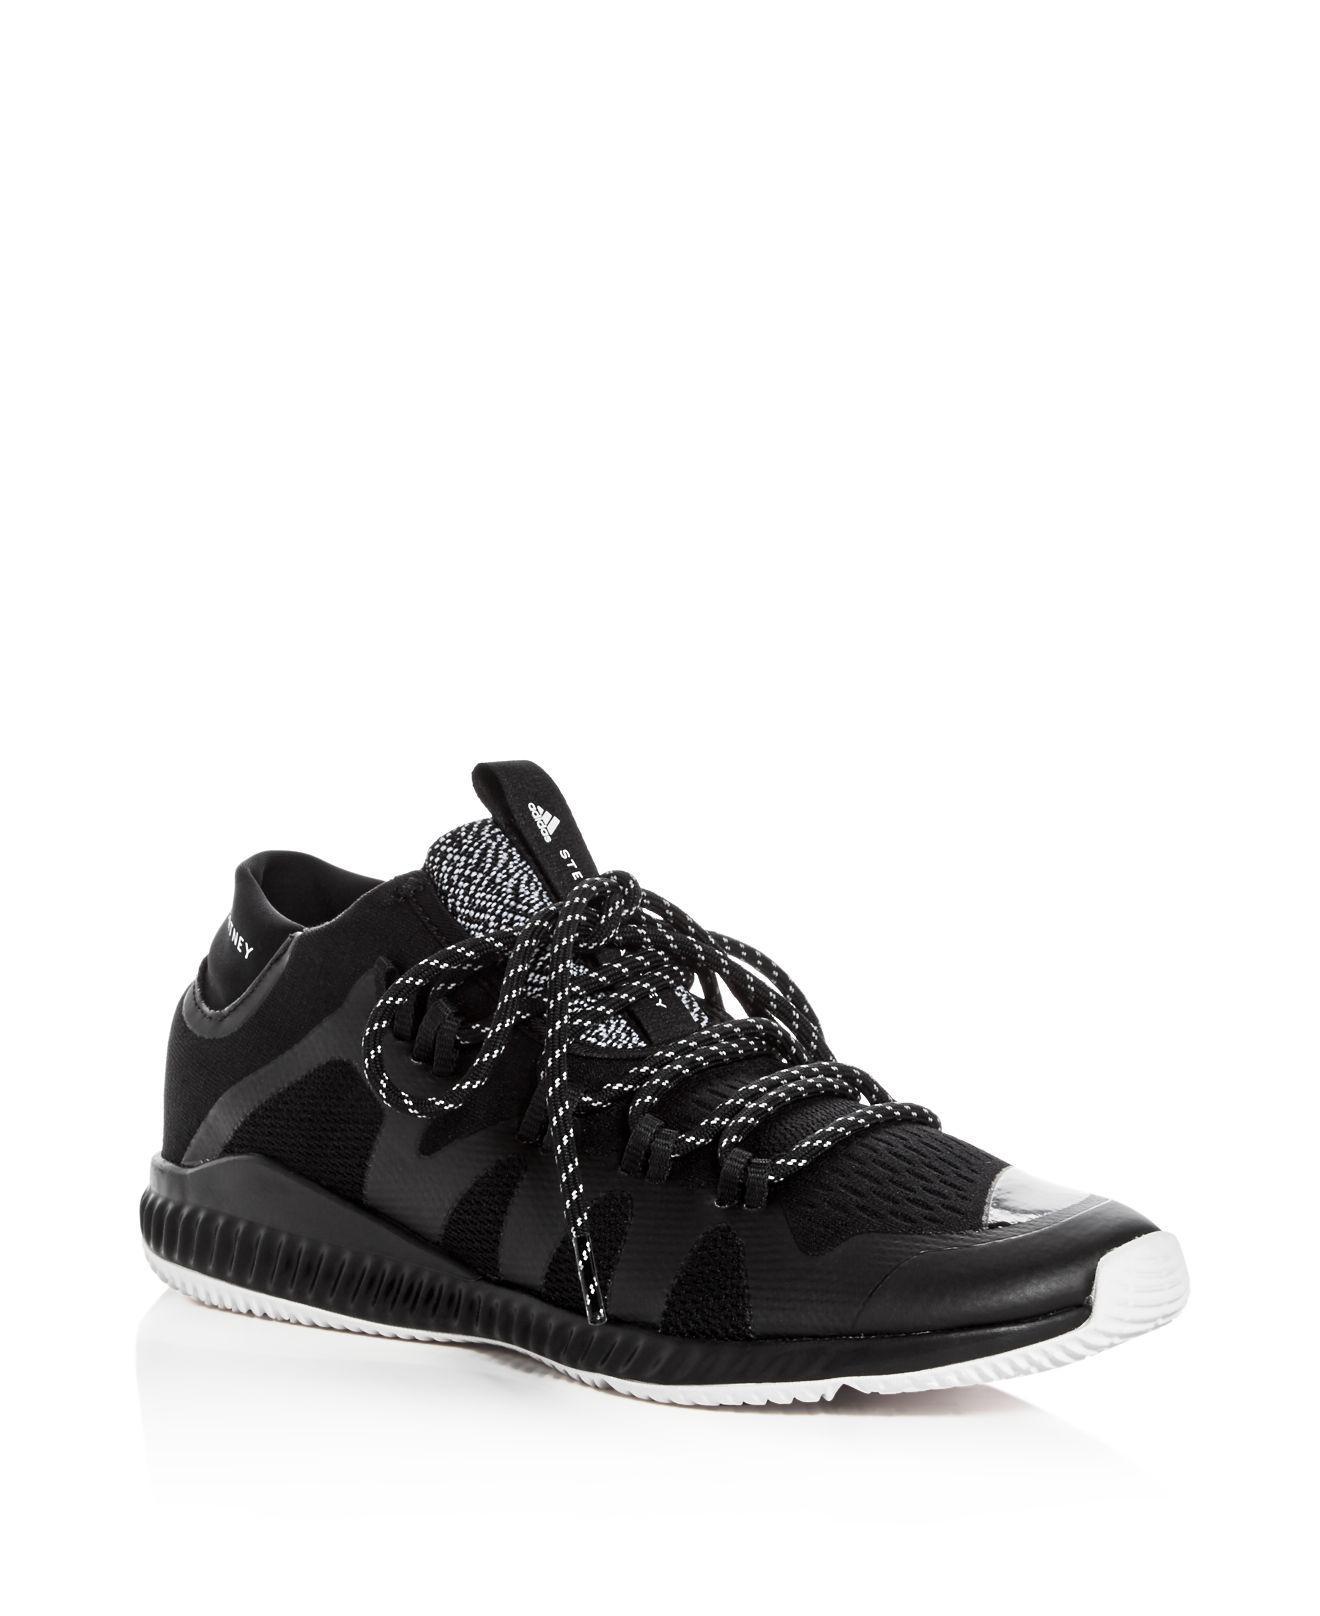 adidas Women's Crazytrain Pro Mid Top Sneakers 1SlkEjS